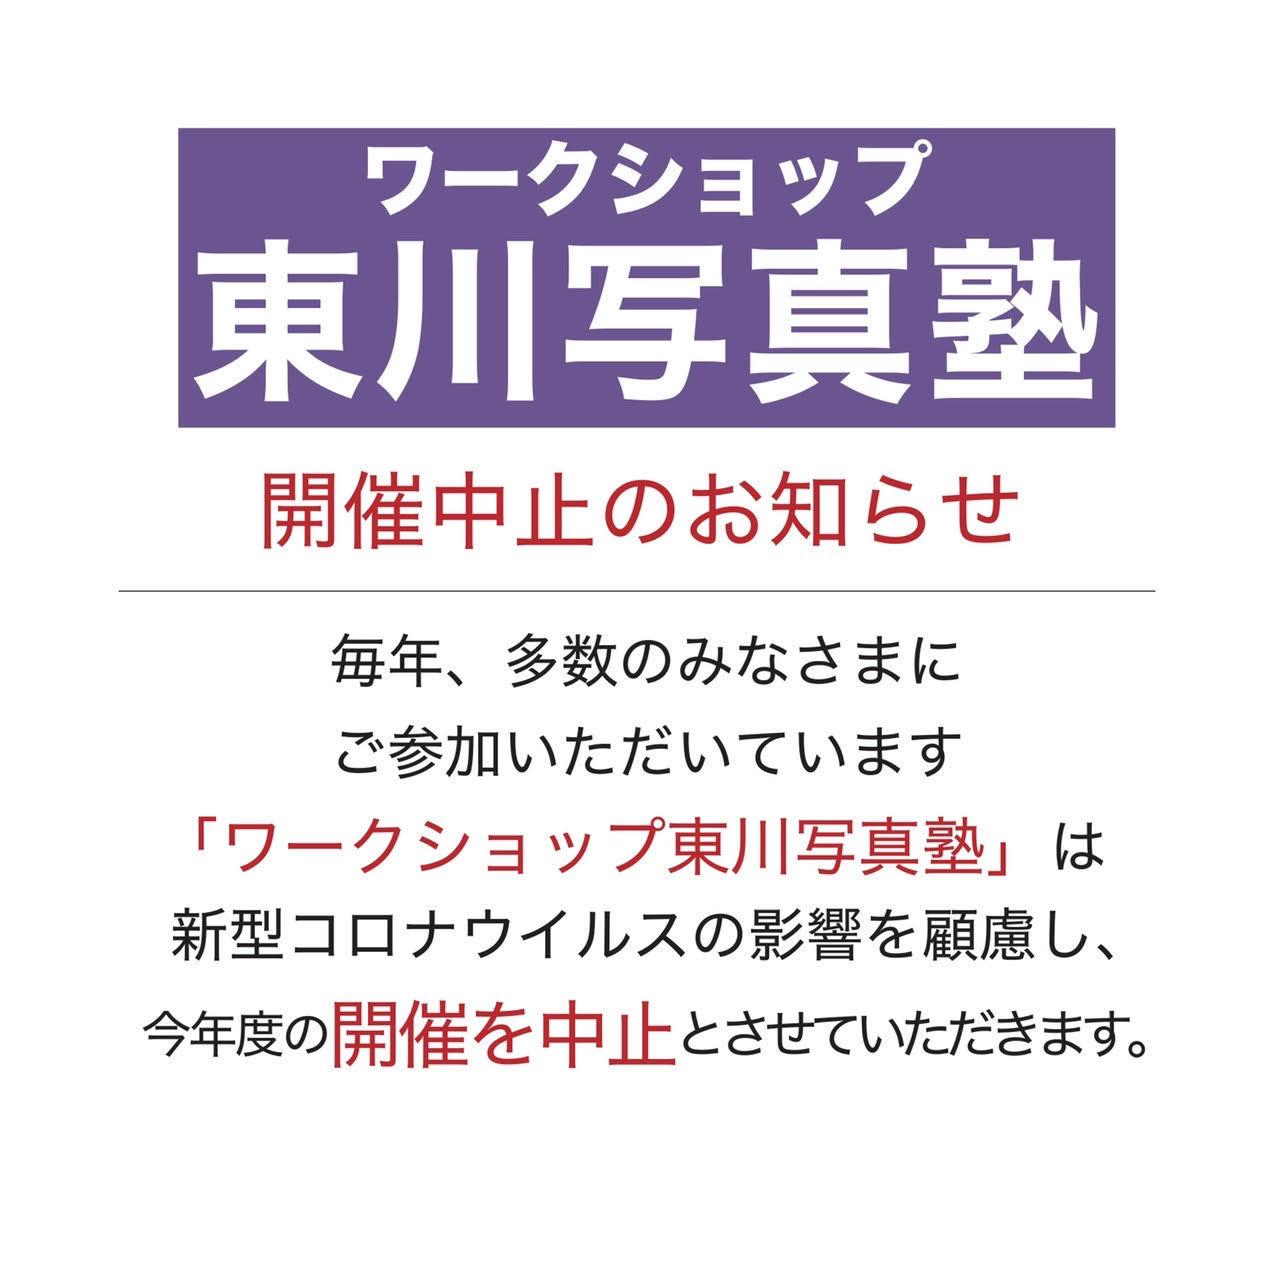 ワークショップ東川写真塾 開催中止のお知らせ_b0187229_16070027.jpg